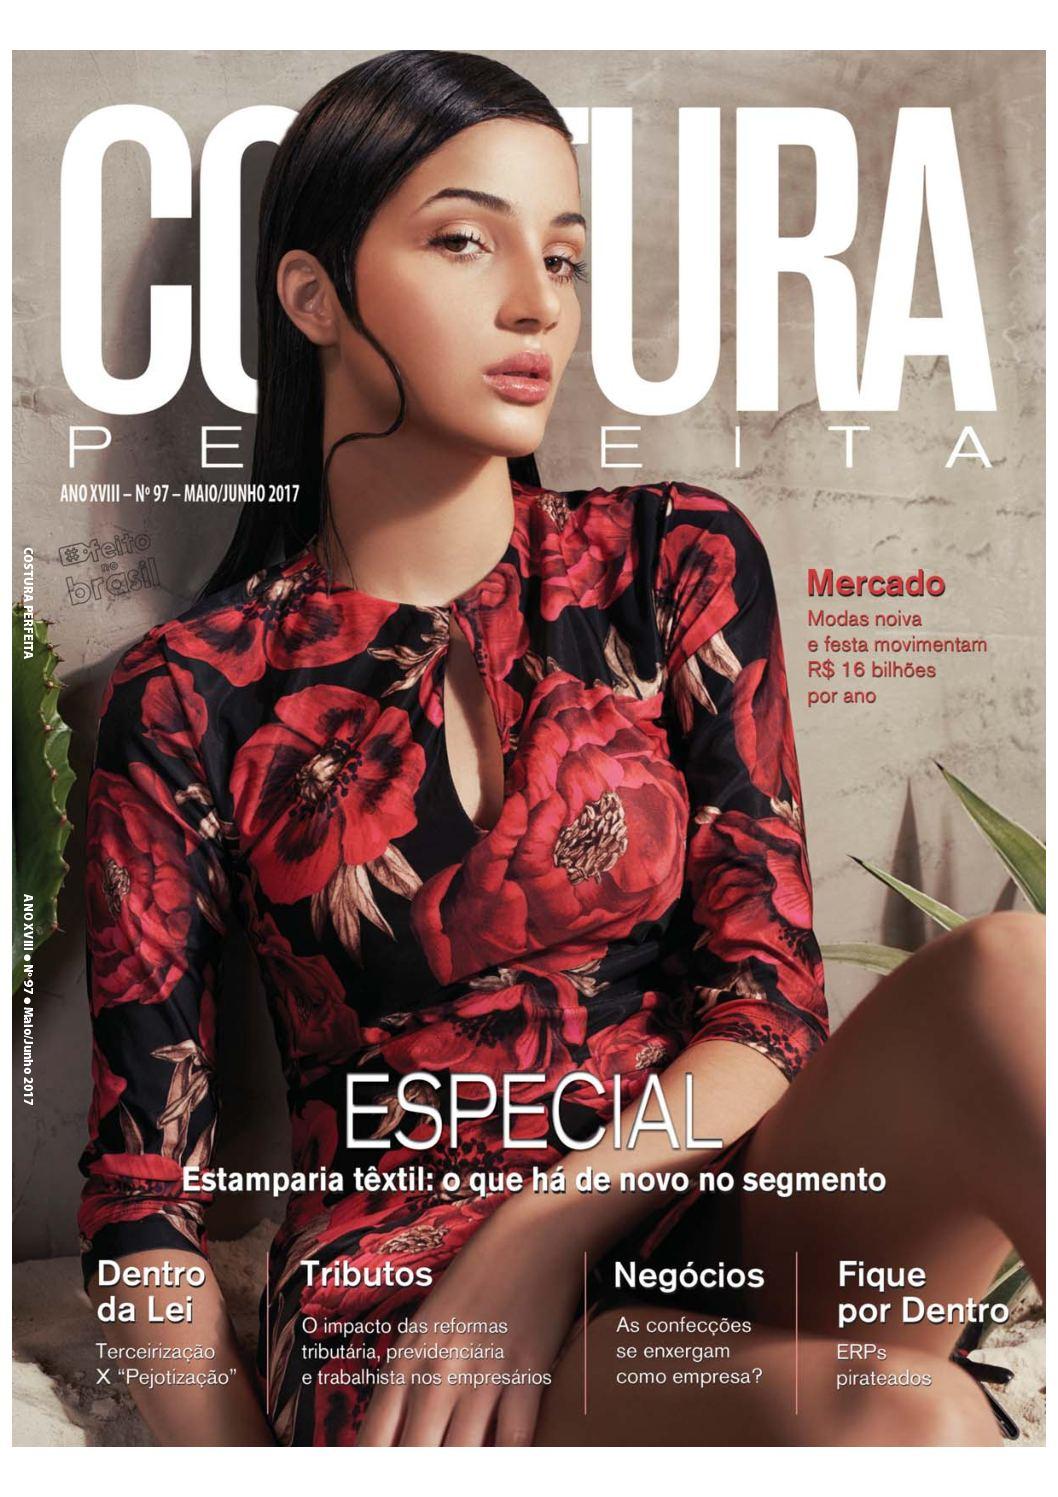 d972dd49b78 Calaméo - Revista Costura Perfeita Edição Ano XVIII - N97 - Maio ...